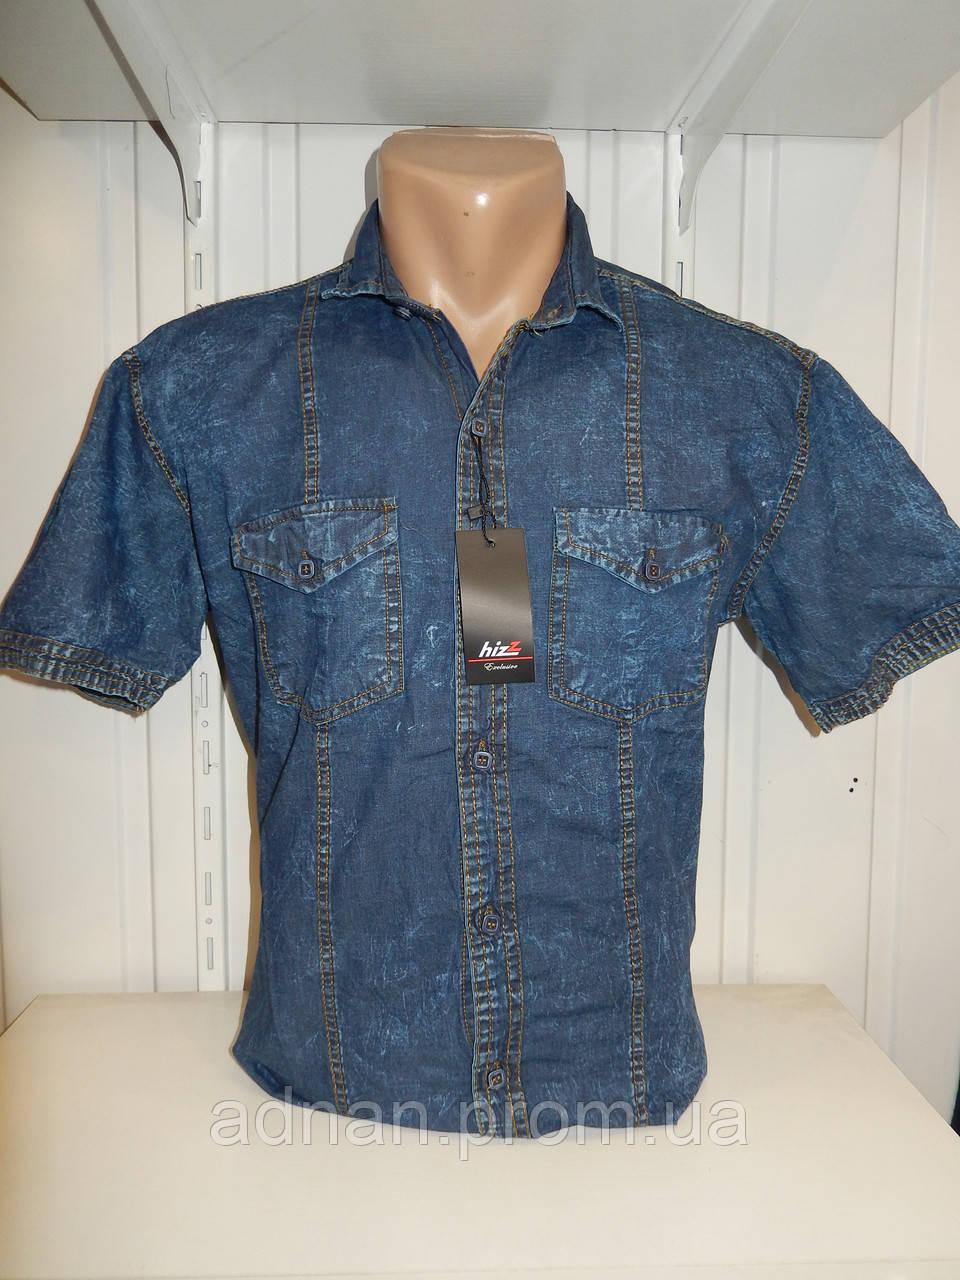 Сорочка чоловіча HIZZ короткий рукав, Джинсові, кишеня з клапаном 001\купити сорочку оптом, Одеса 7 км